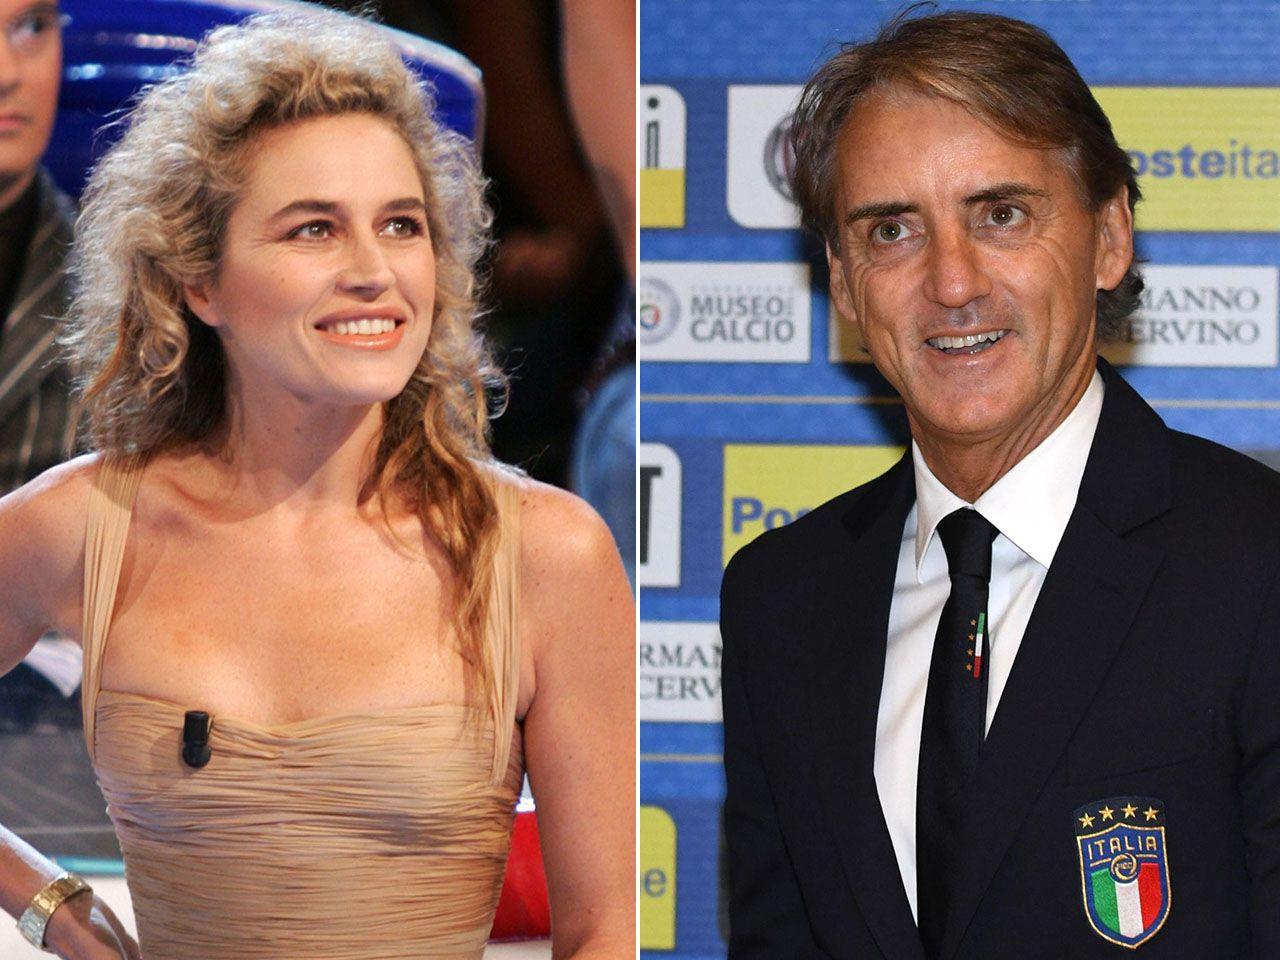 Lory Del Santo: 'Con Roberto Mancini un'indimenticabile notte di passione'